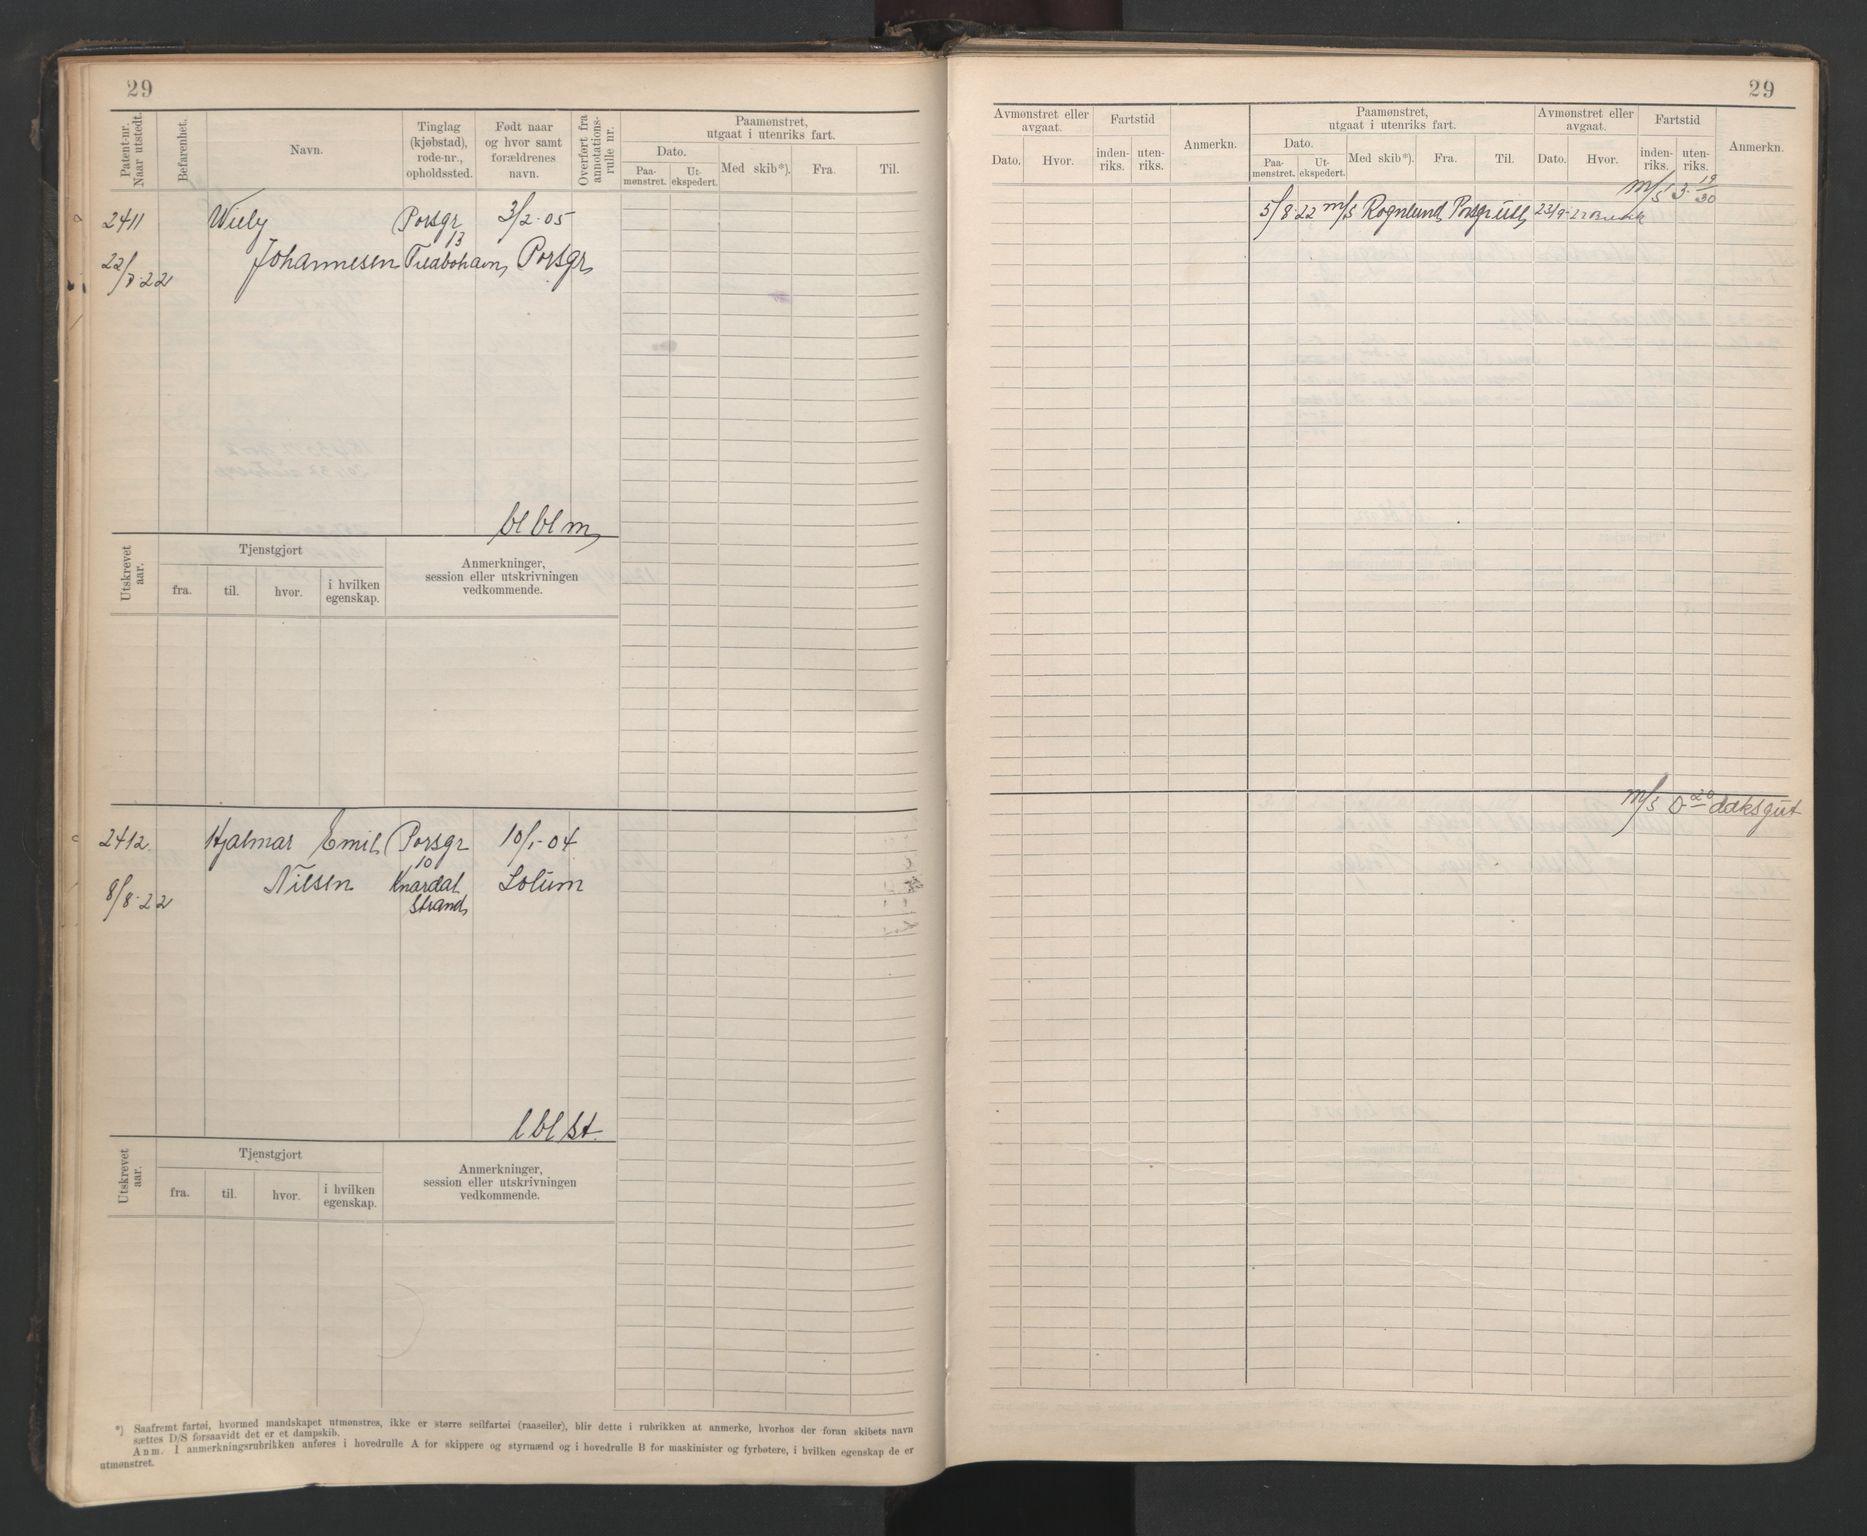 SAKO, Porsgrunn innrulleringskontor, F/Fb/L0007: Annotasjonsrulle, 1926-1948, s. 29